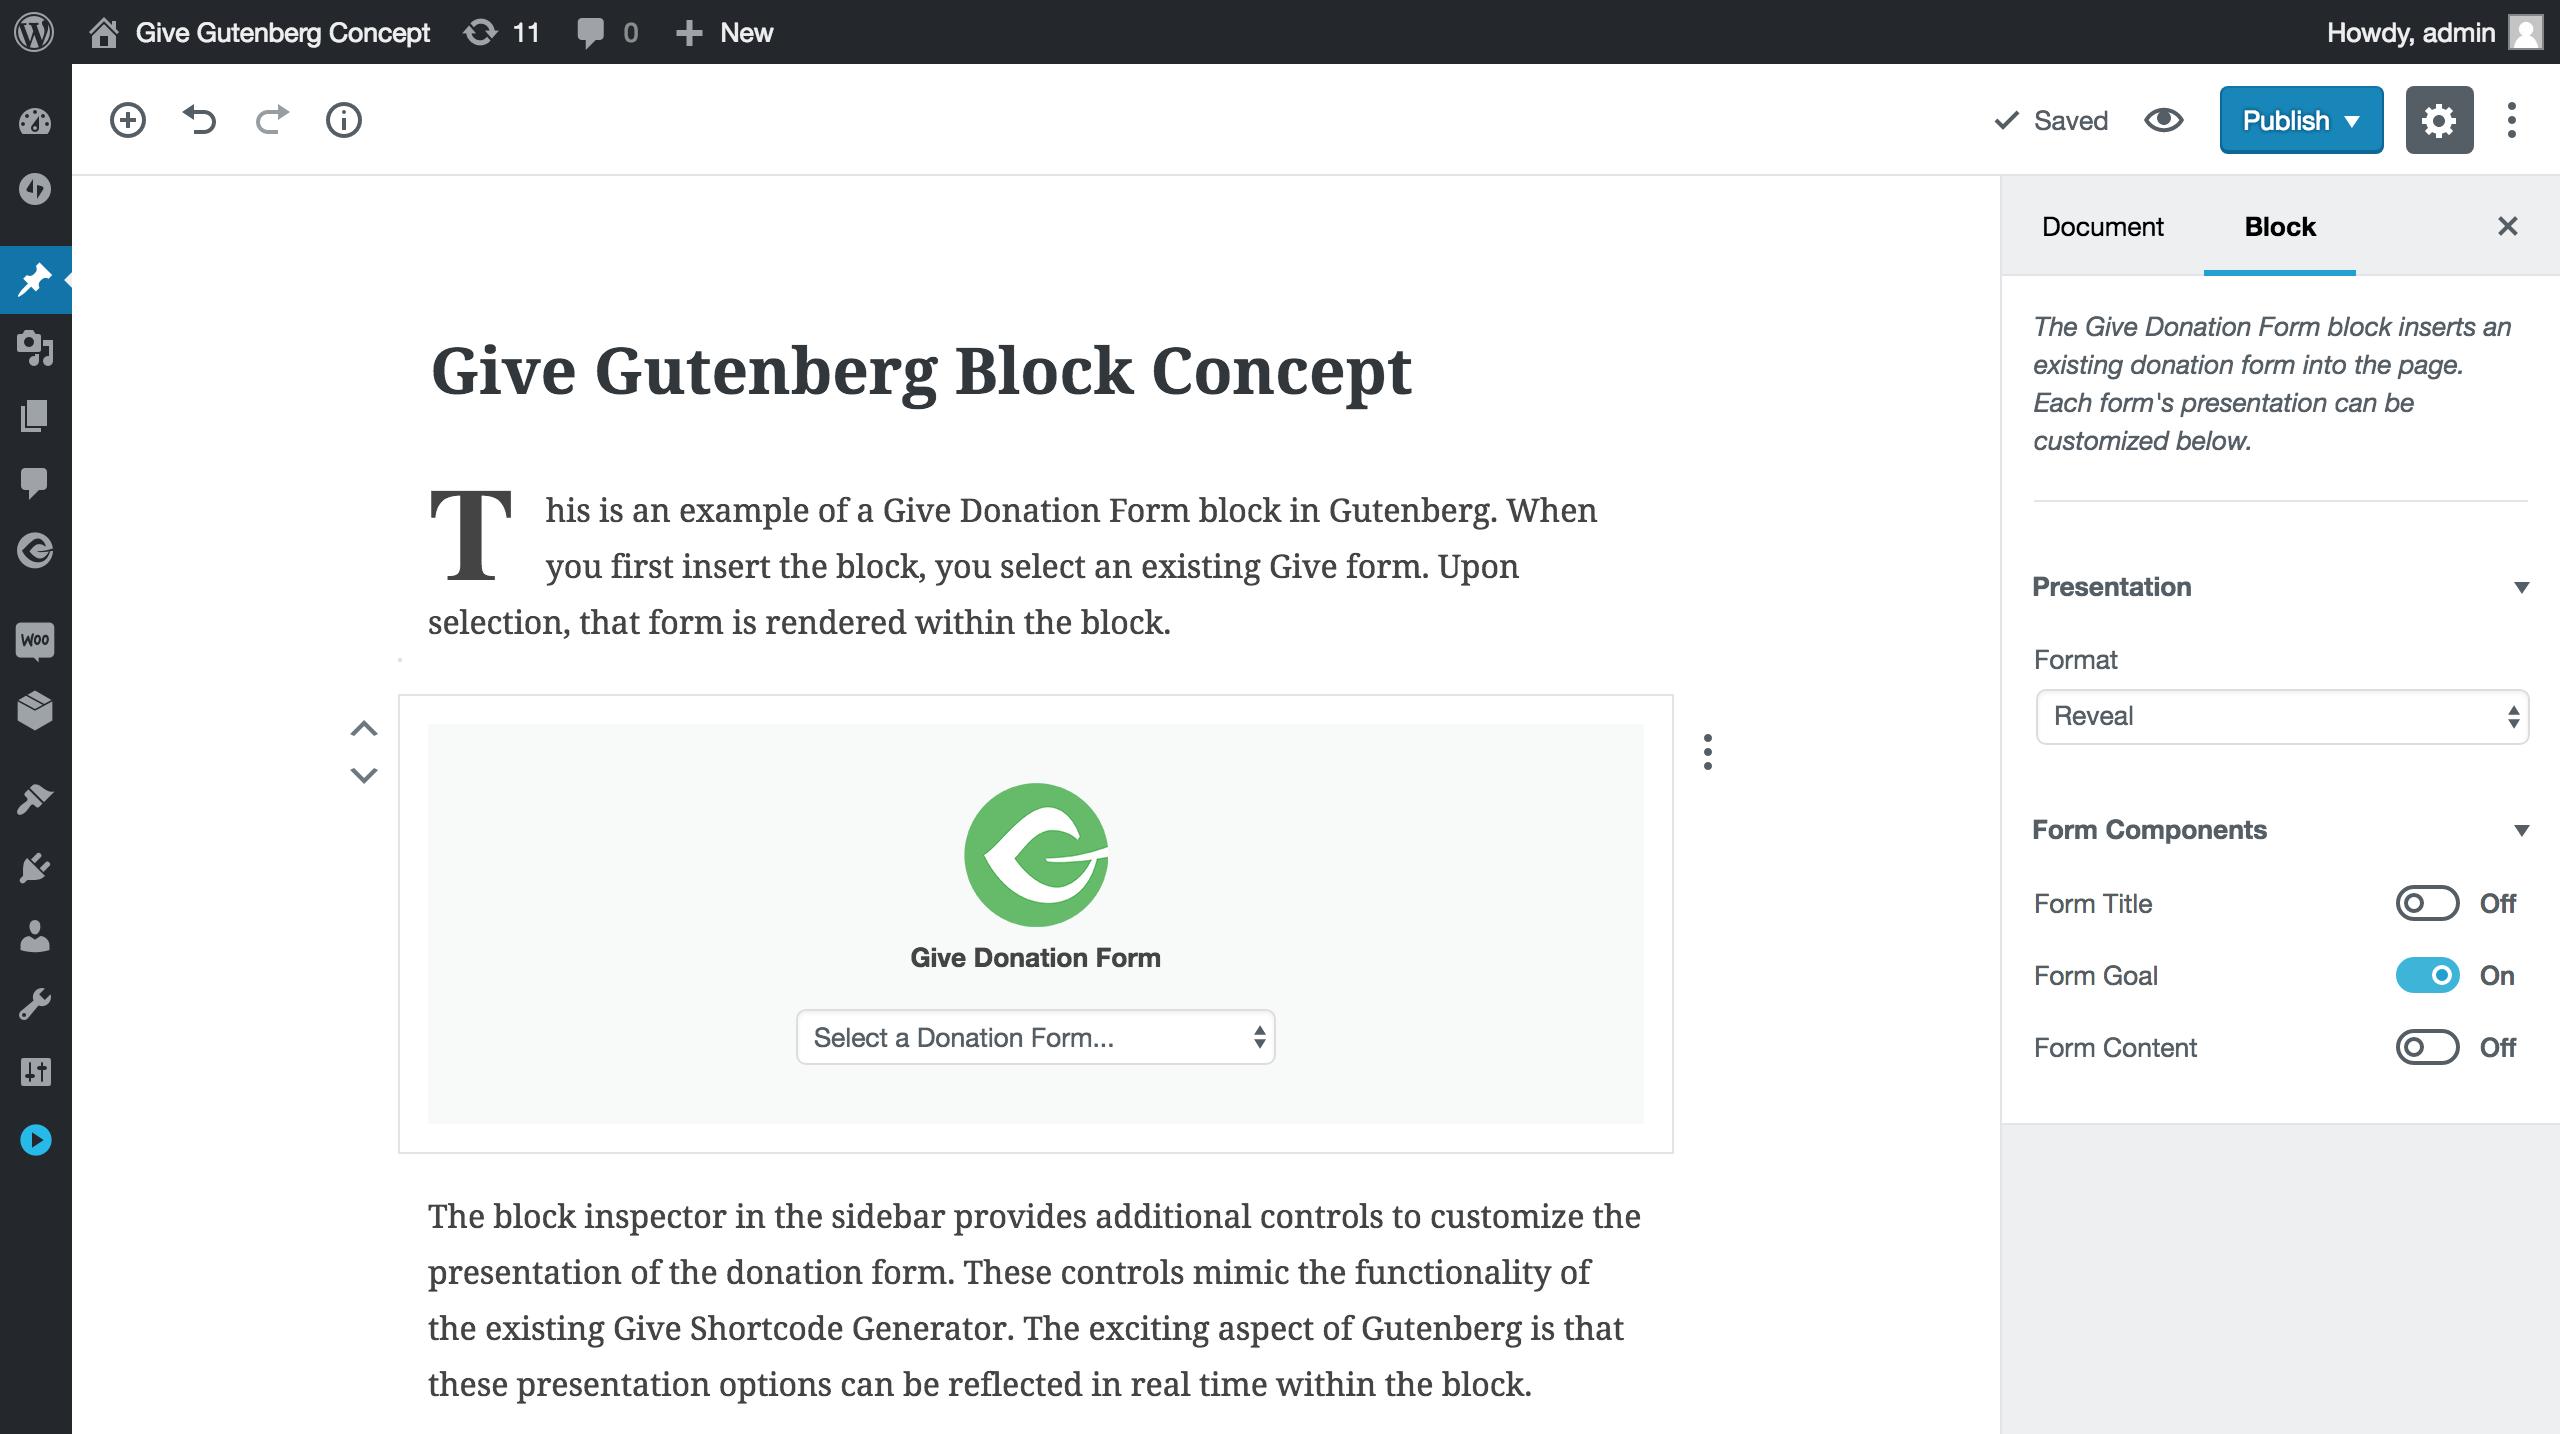 give-gutenberg-concept-v01